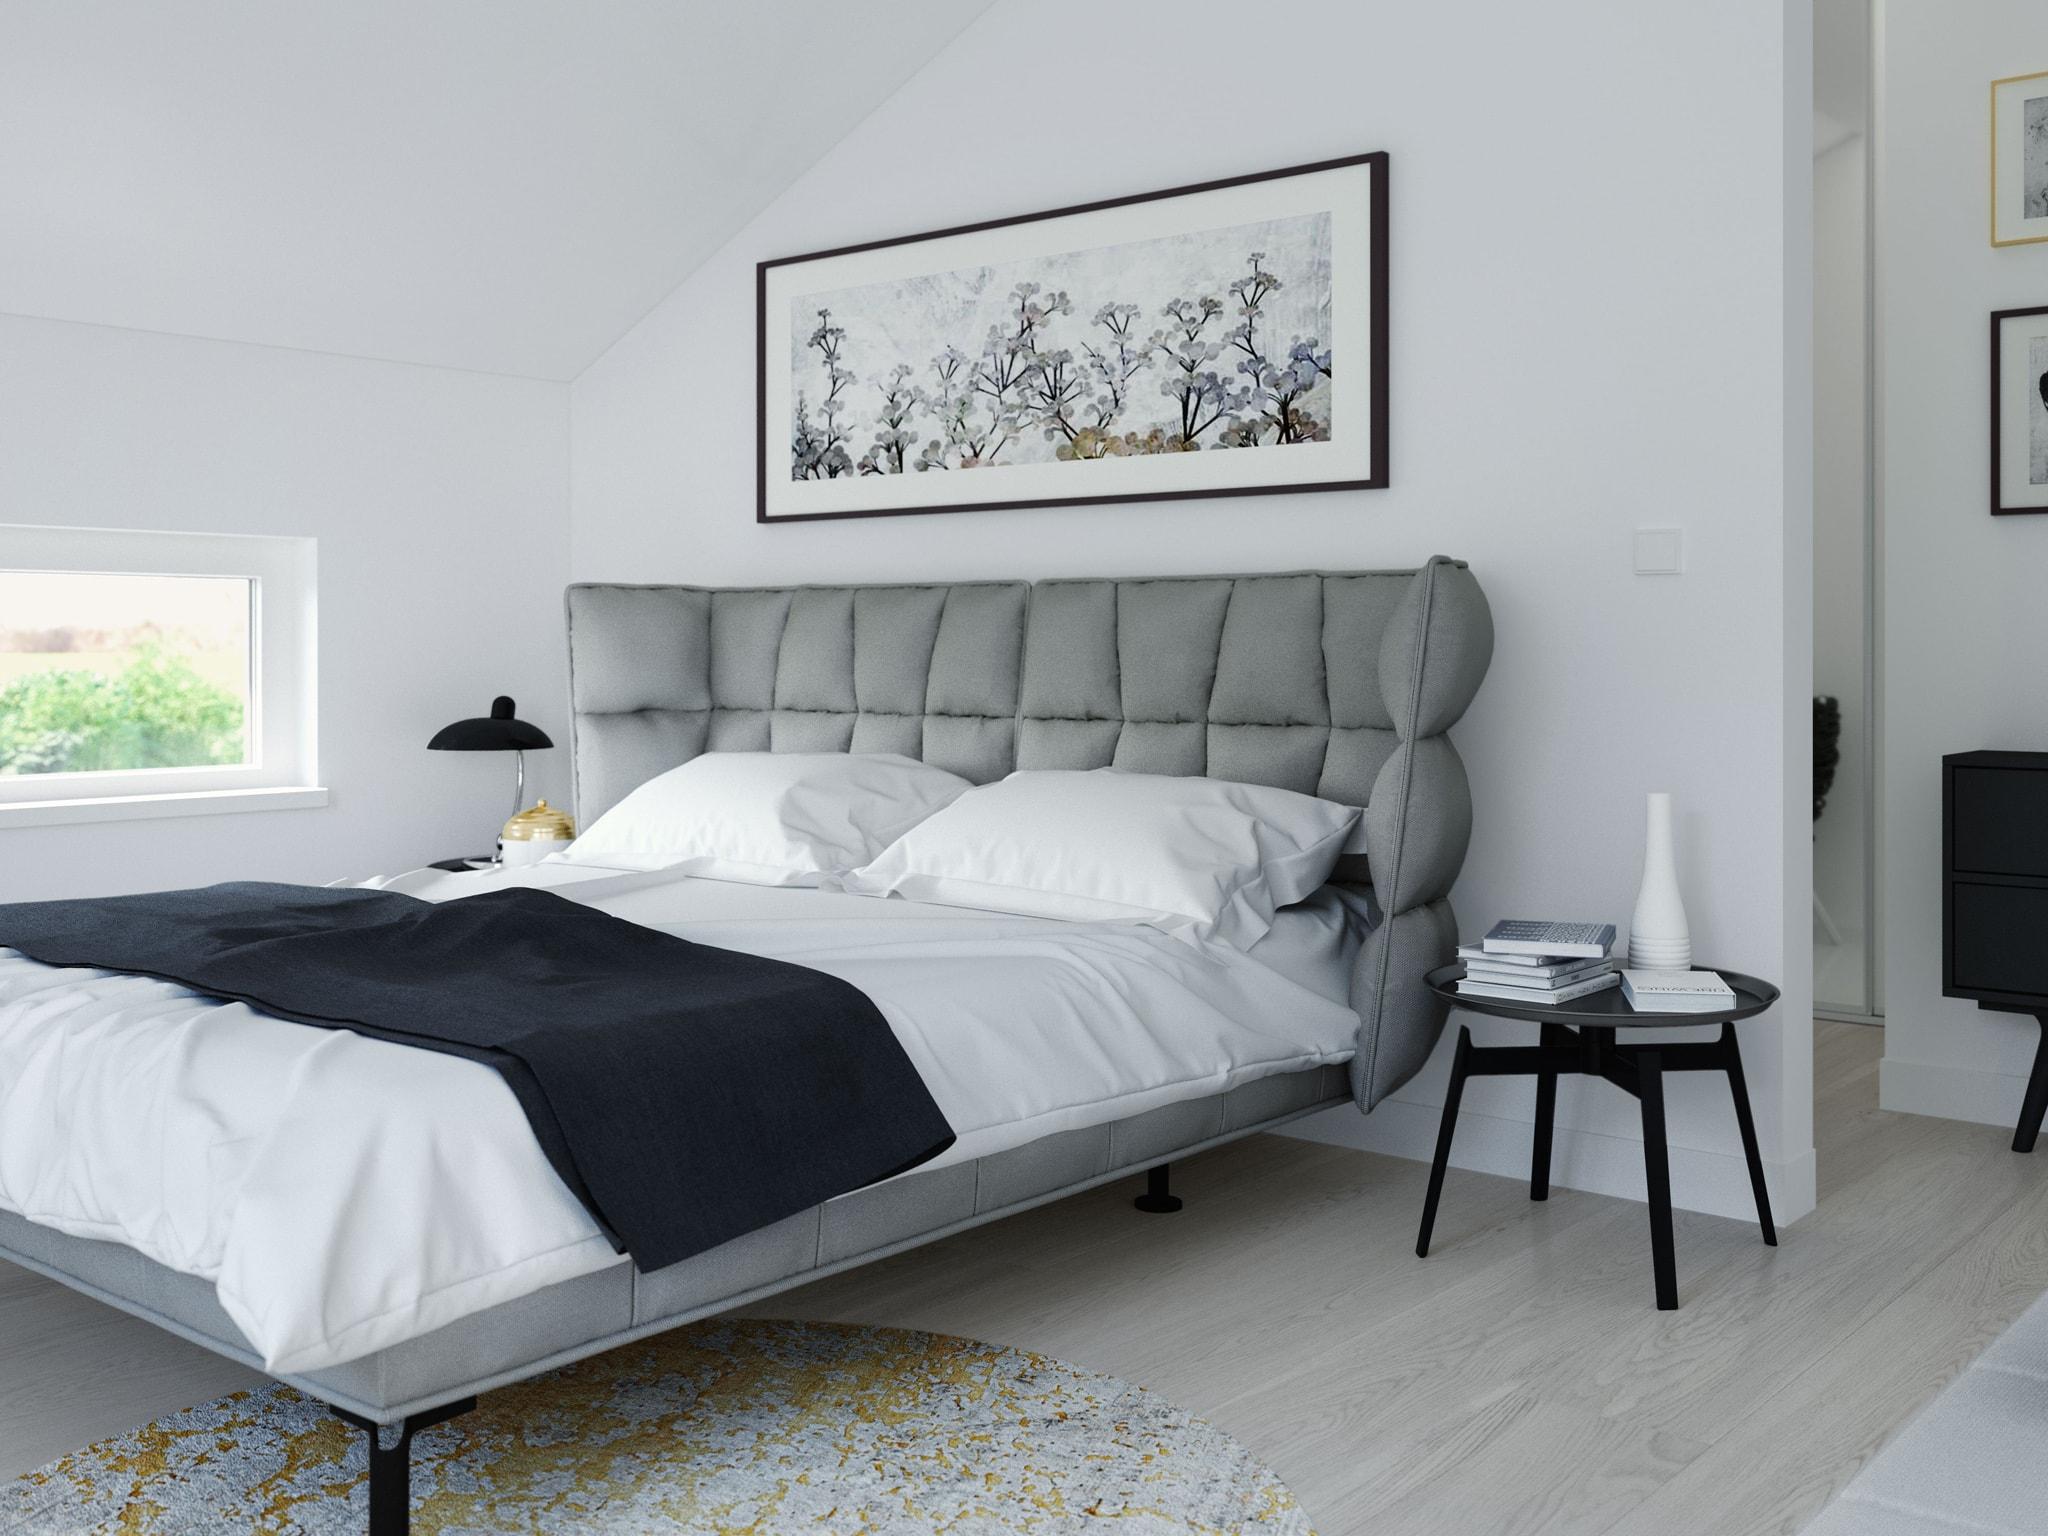 Schlafzimmer Farbe grau weiß schwarz - Ideen Inneneinrichtung Fertighaus Living Haus SUNSHINE 144 V3 - HausbauDirekt.de